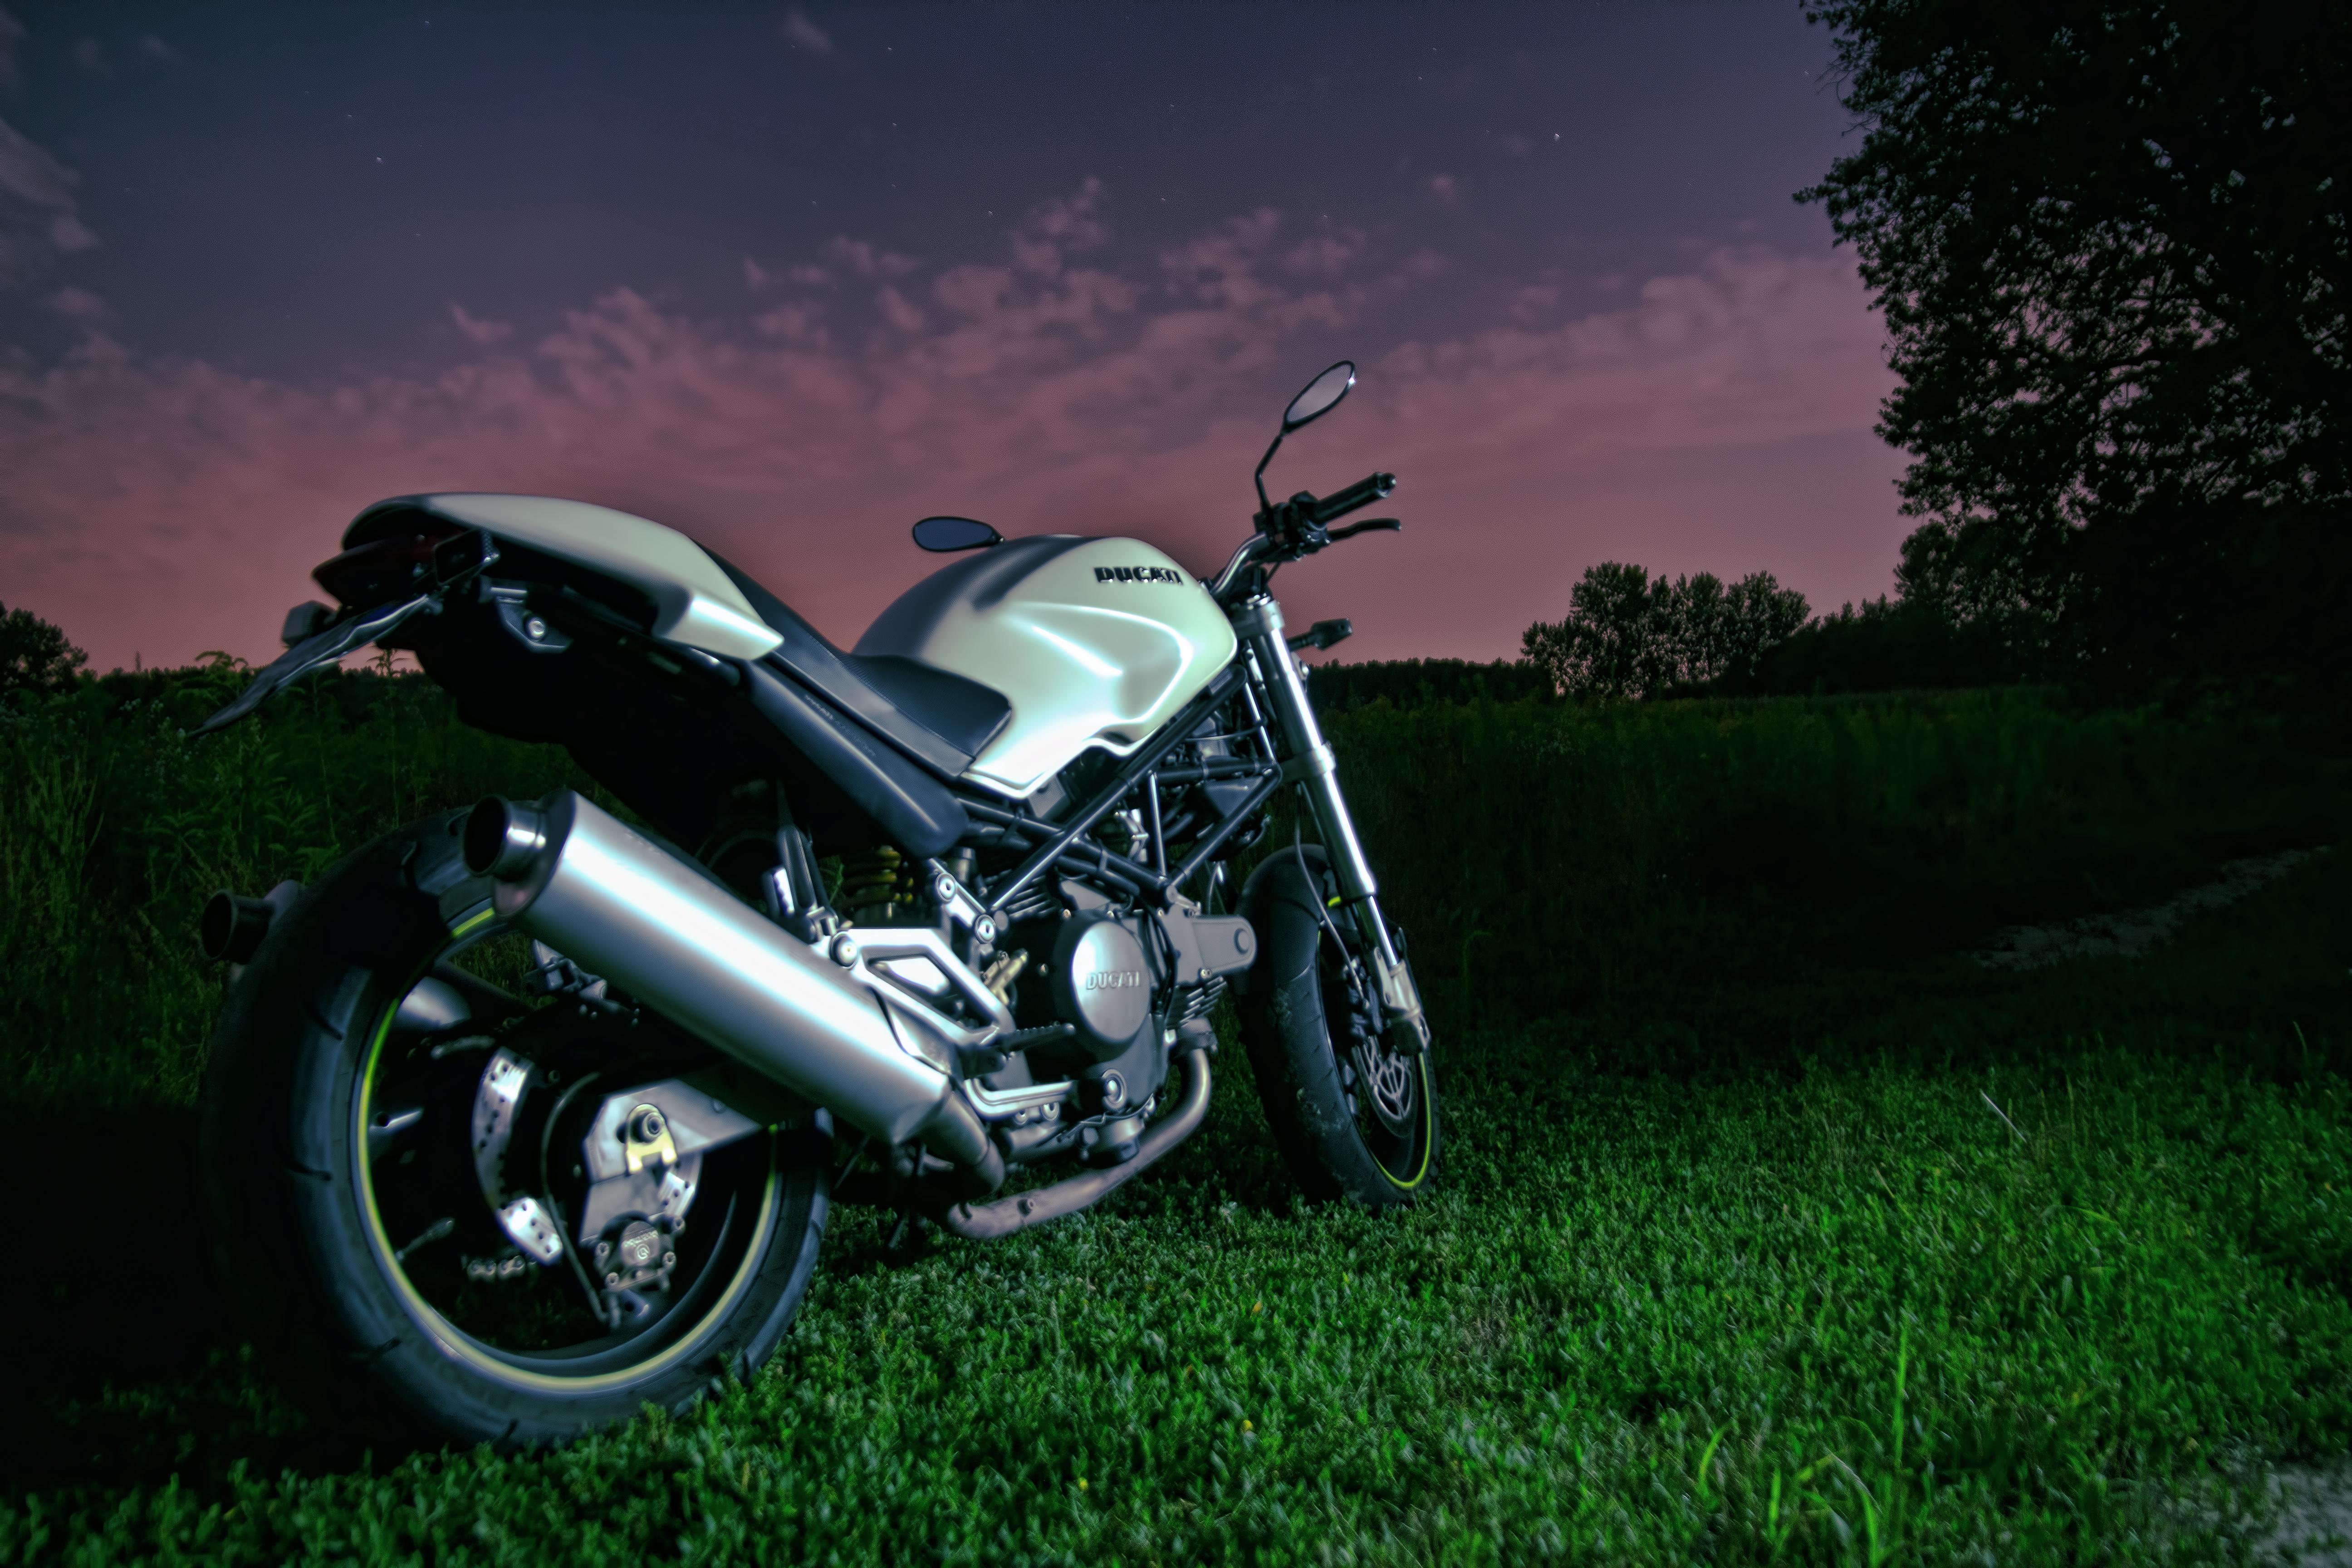 Free Images Car Wheel Bike Evening Motorcycle Motorbike